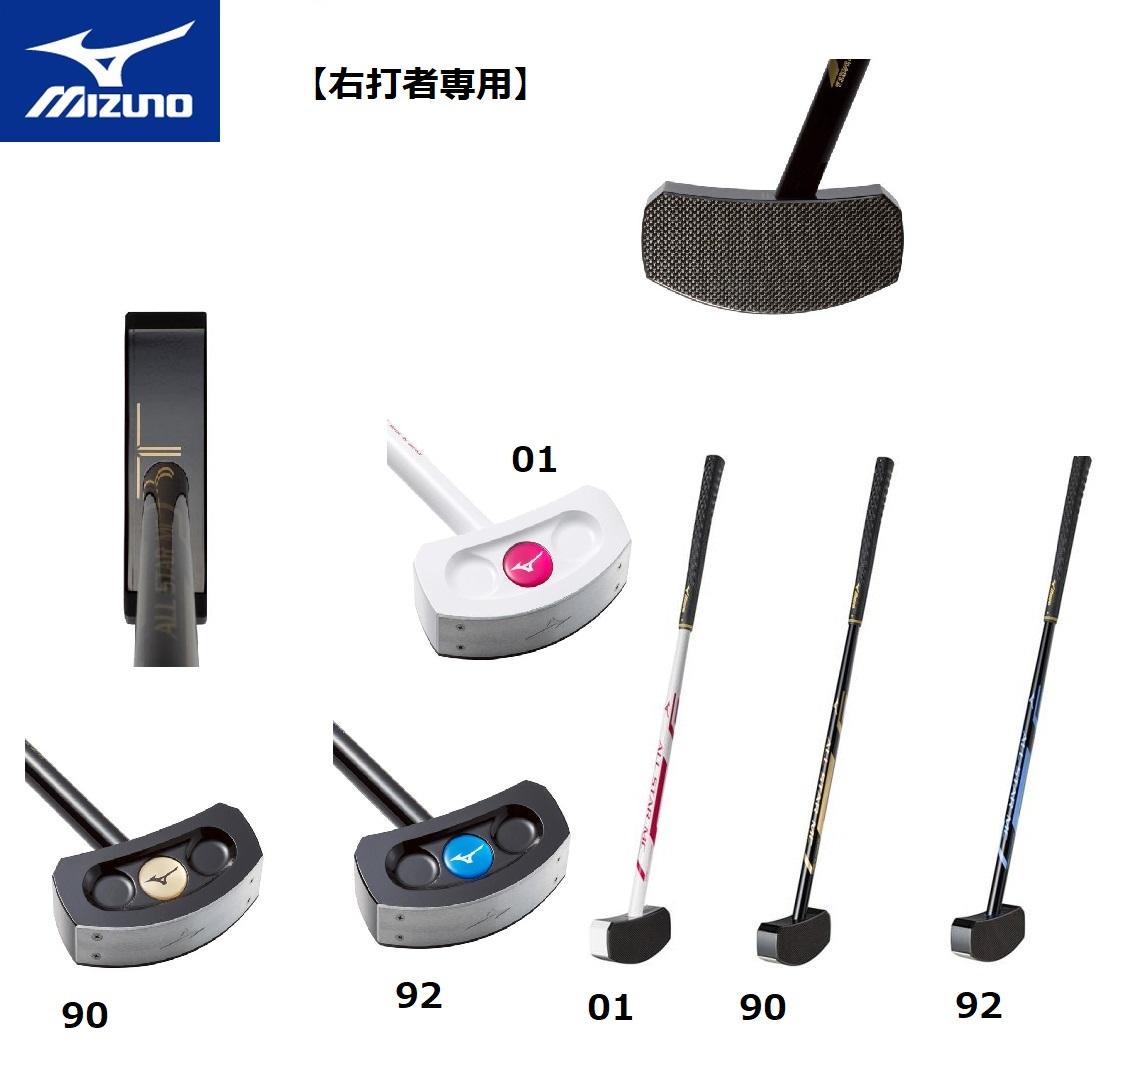 【送料無料】ミズノ グラウンドゴルフ用品グラウンドゴルフクラブ (一般右打者専用)オールスターMC C3JLG802